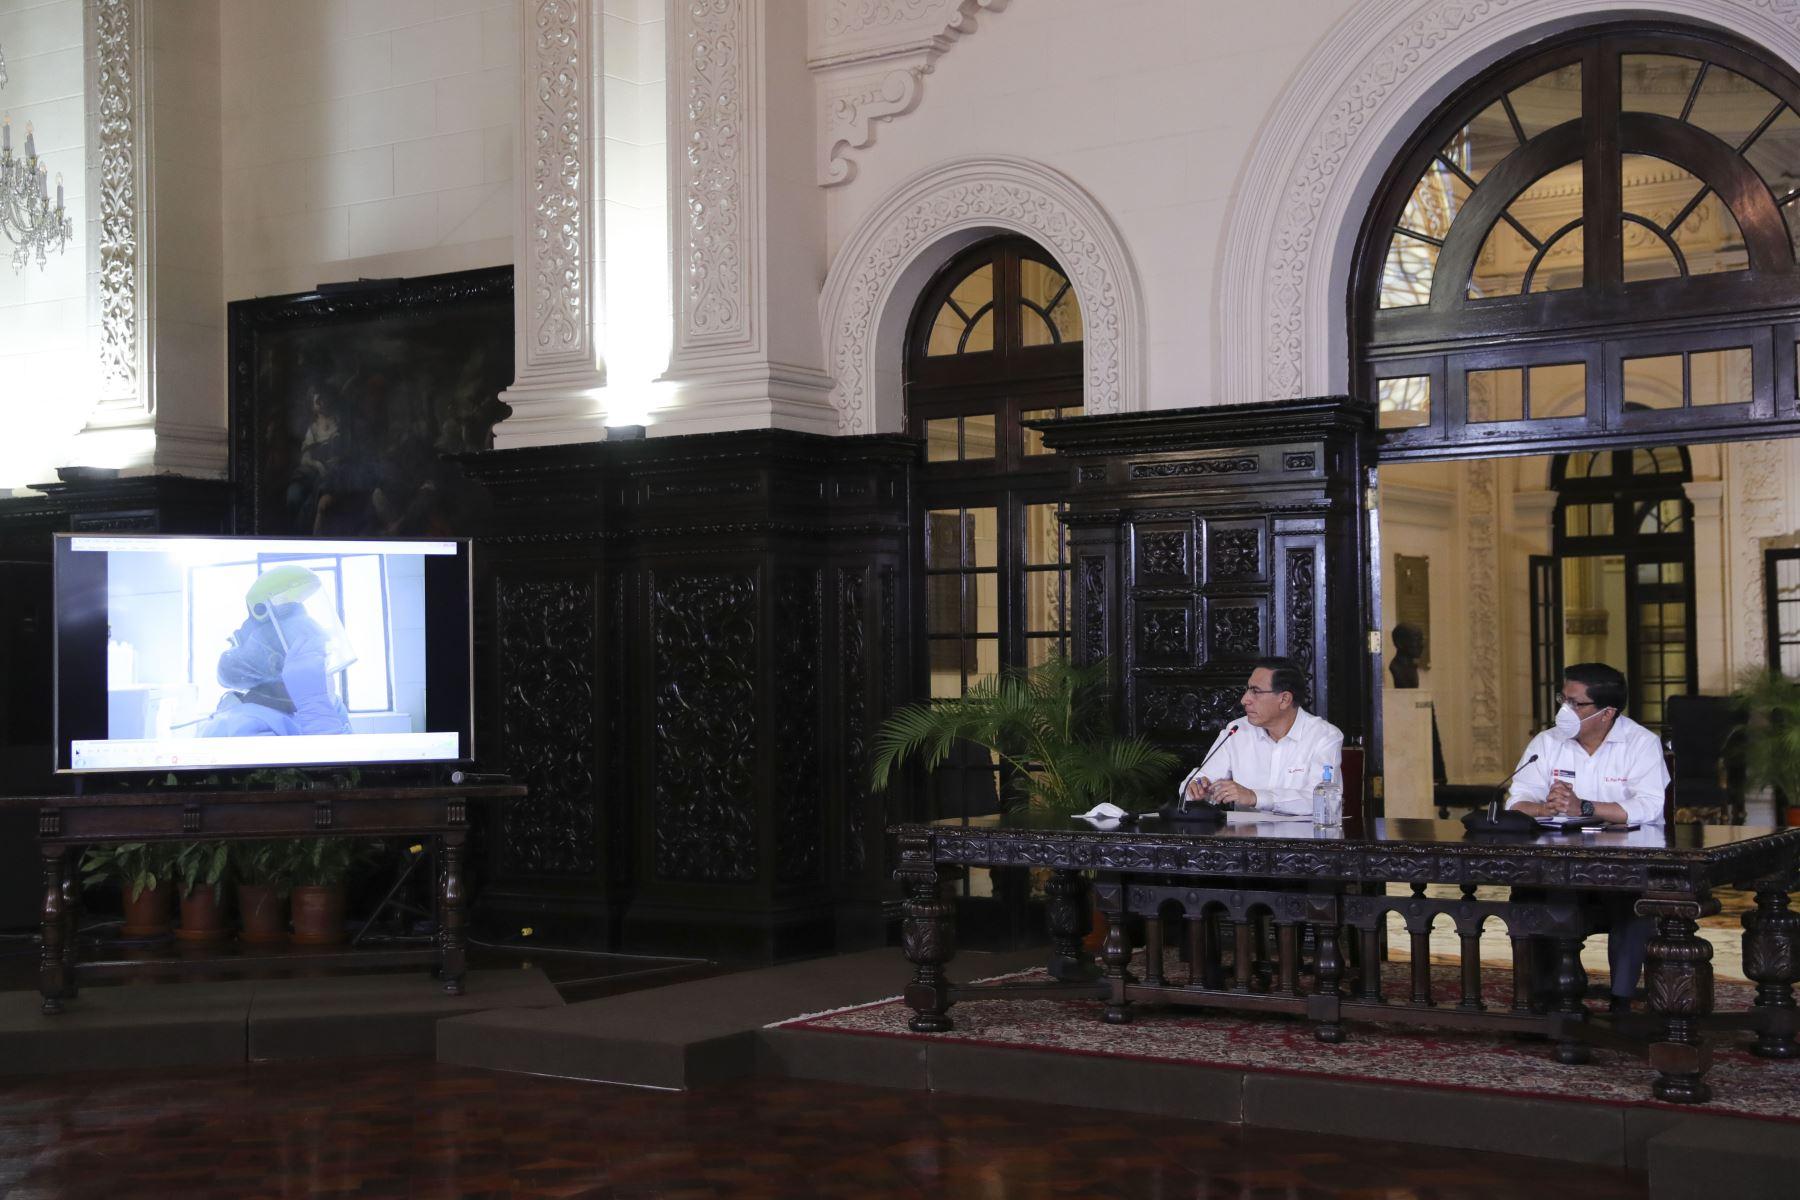 El presidente de la República, Martín Vizcarra y el presidente del Consejo de Ministros, Vicente Zeballos informan los avances de las medidas adoptadas en el marco del estado de emergencia nacional por el coronavirus (covid-19). Foto:ANDINA/ Prensa Presidencia